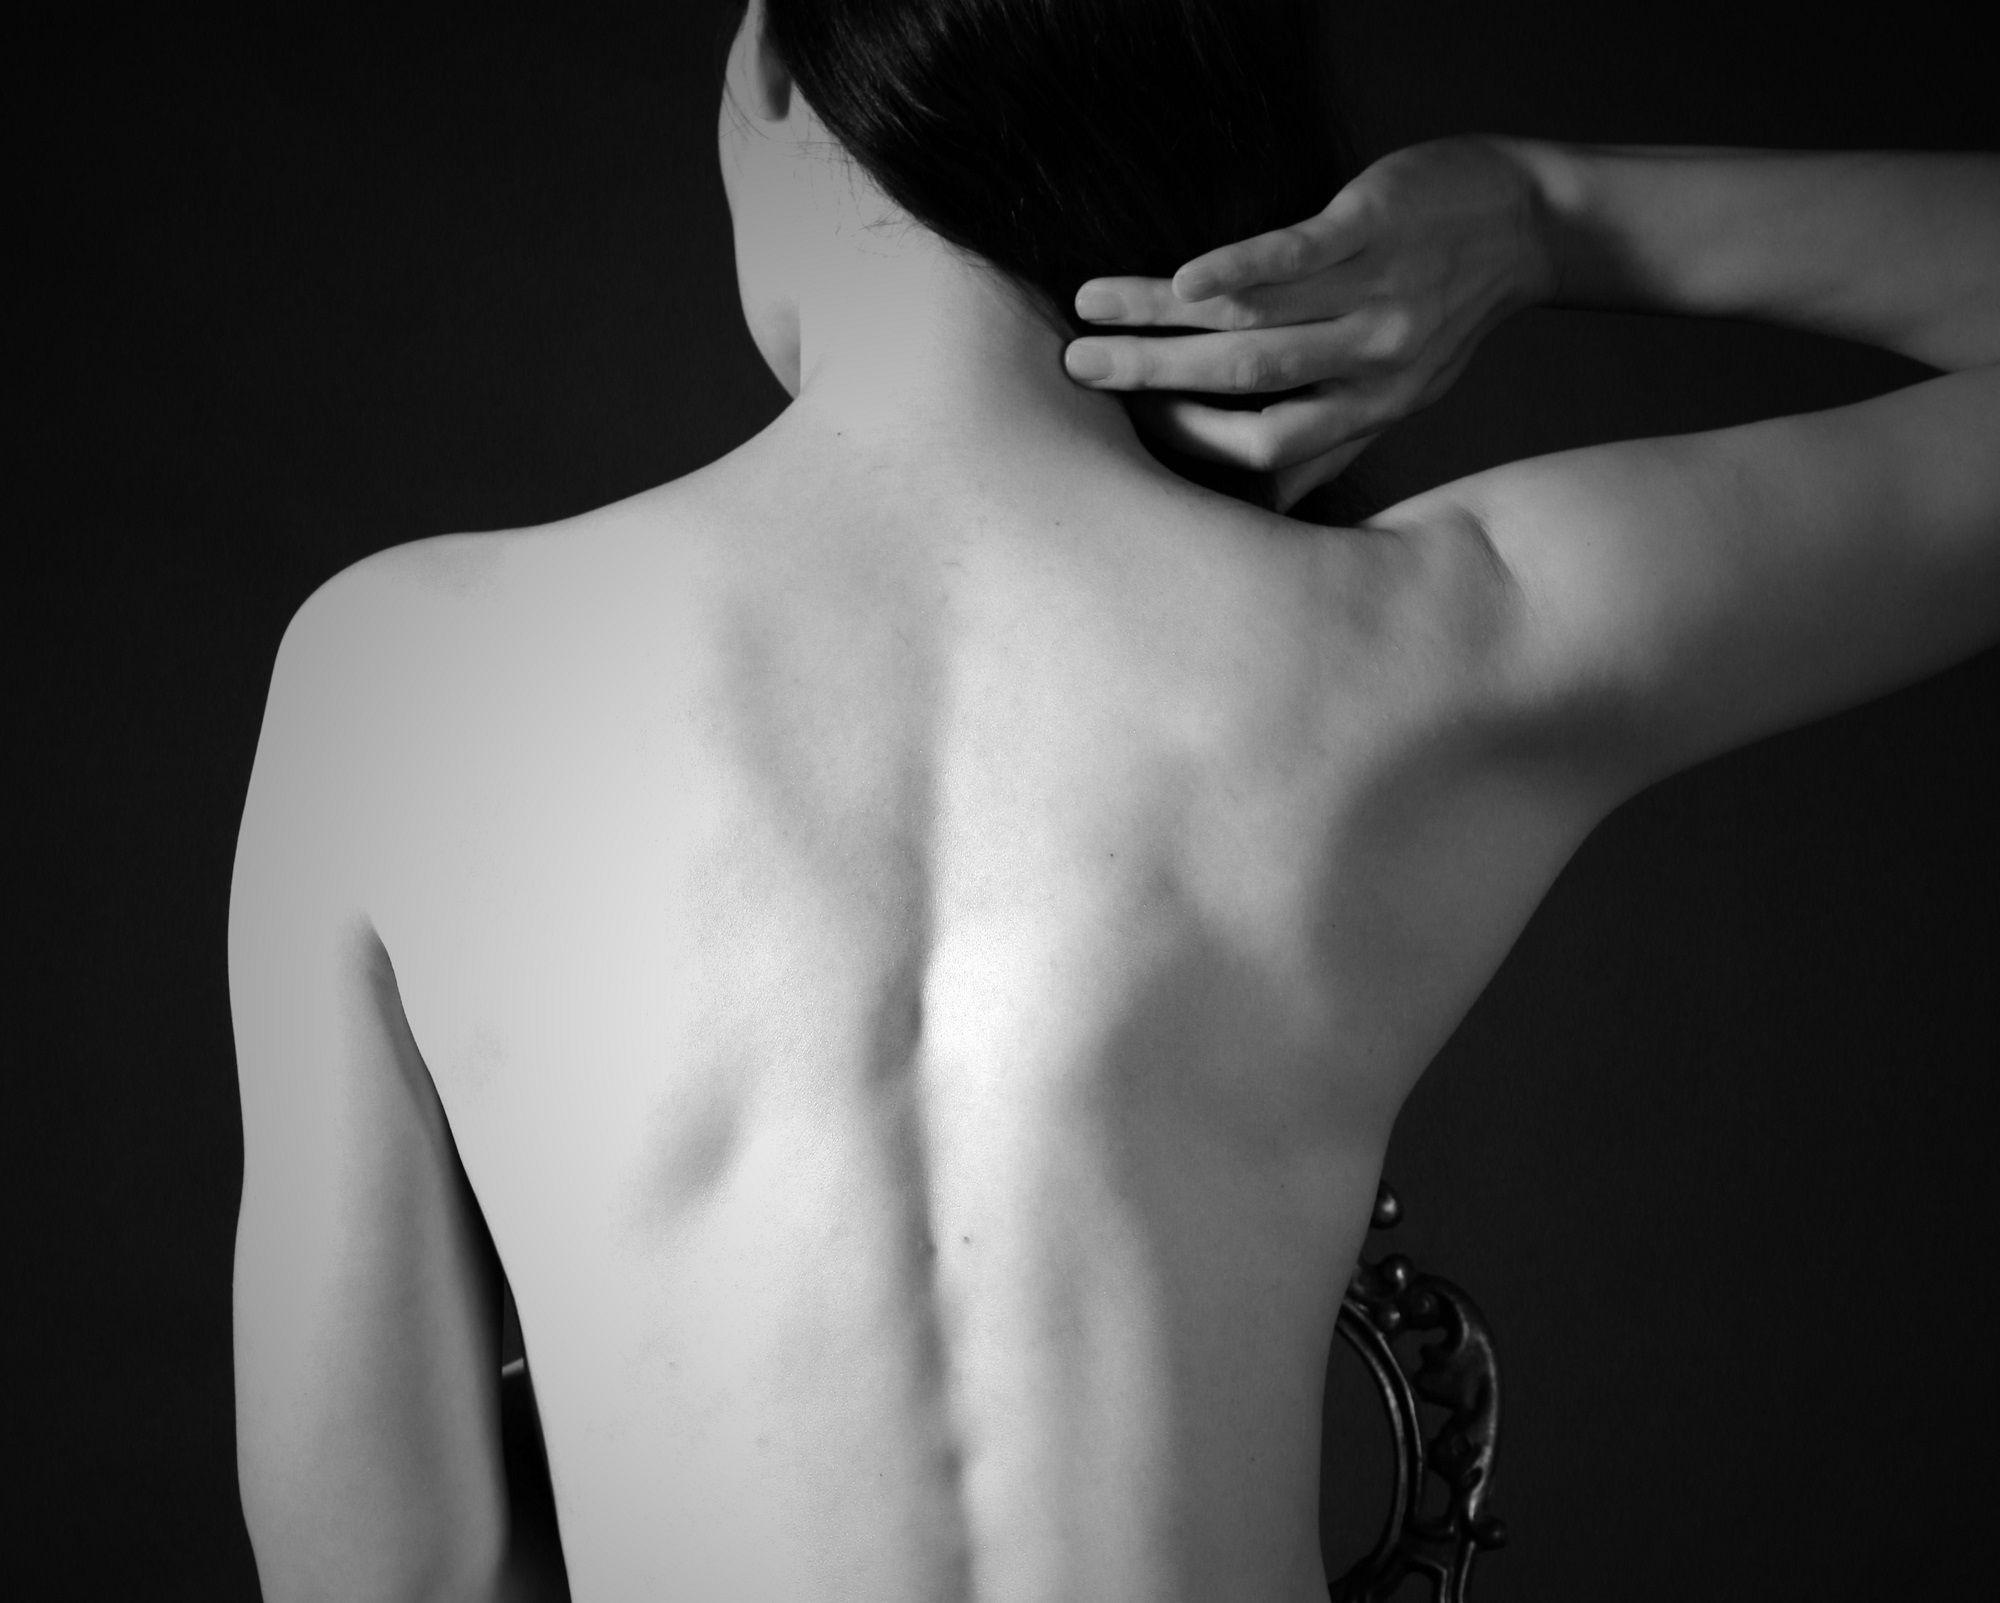 Che fare a mal di schiena in reparto di petto di una spina dorsale